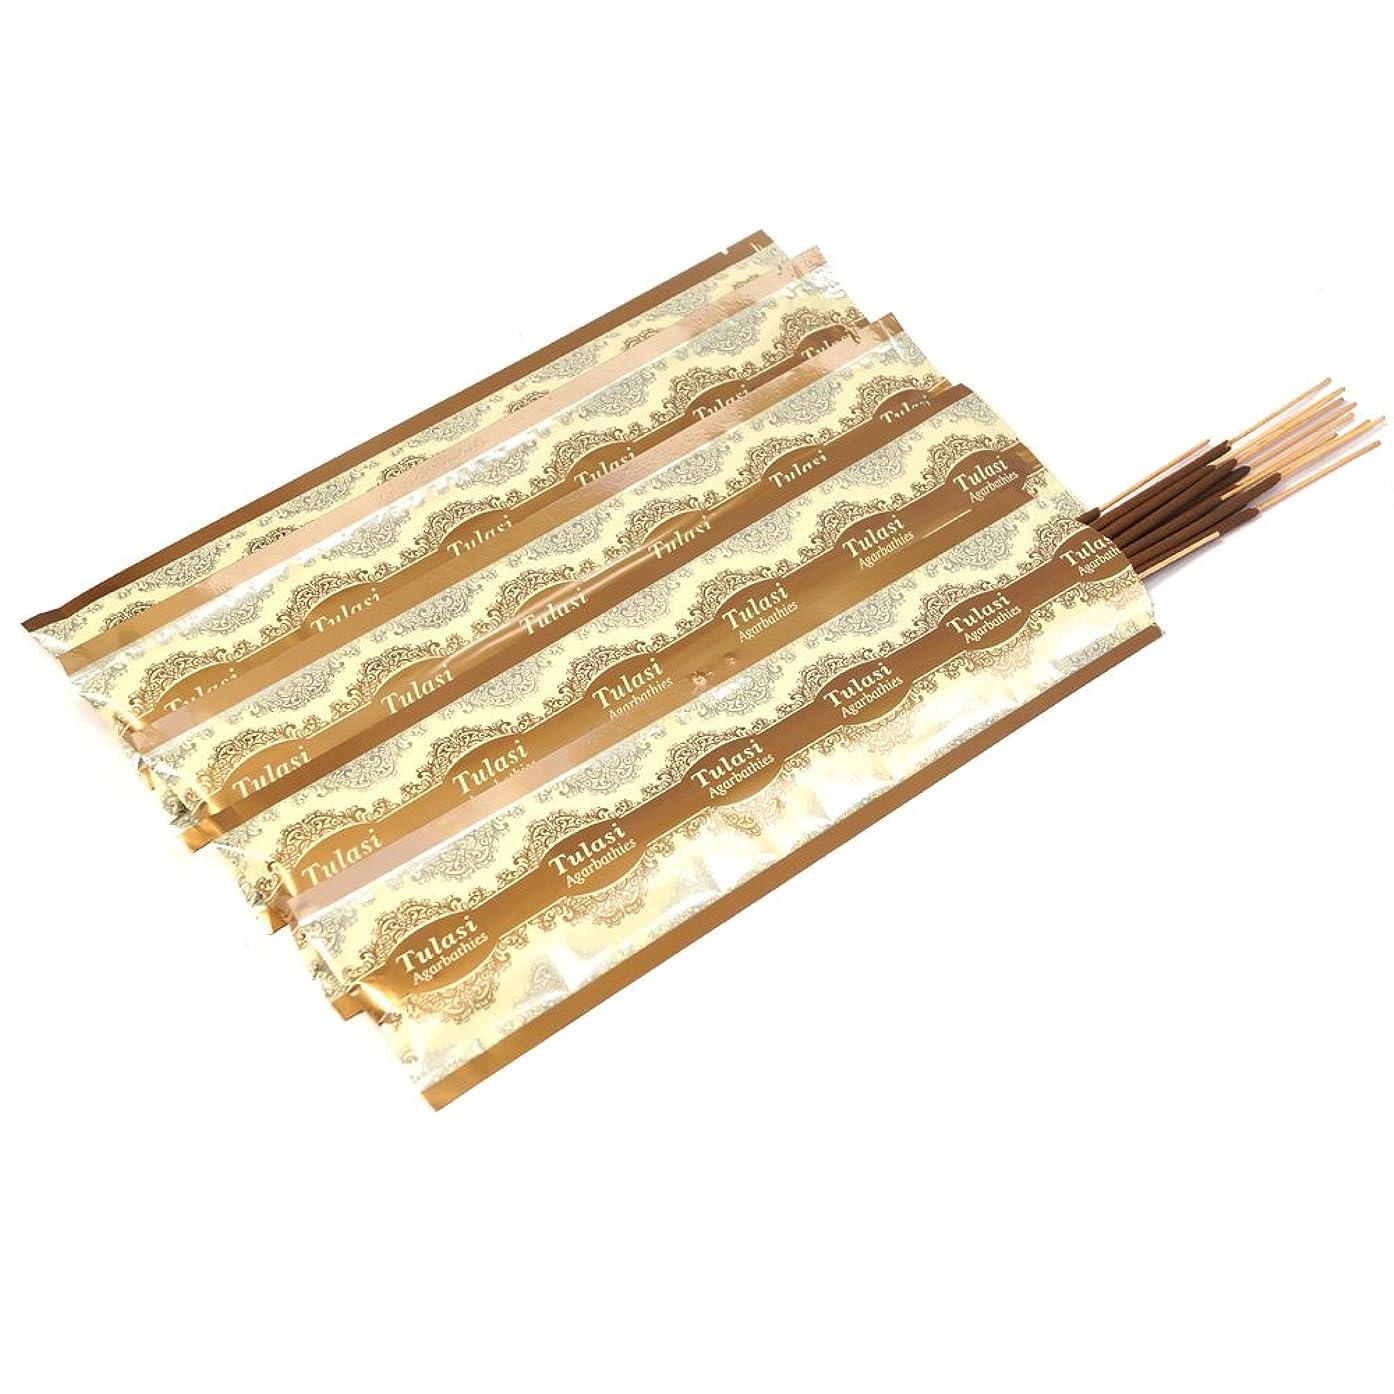 ファンブル維持する酸Free Nag Champa variety Gift Pack in Herbal TreatジャンボAgarbatti   Incense Sticks Set of 15?Fragrances by Ikshvaku